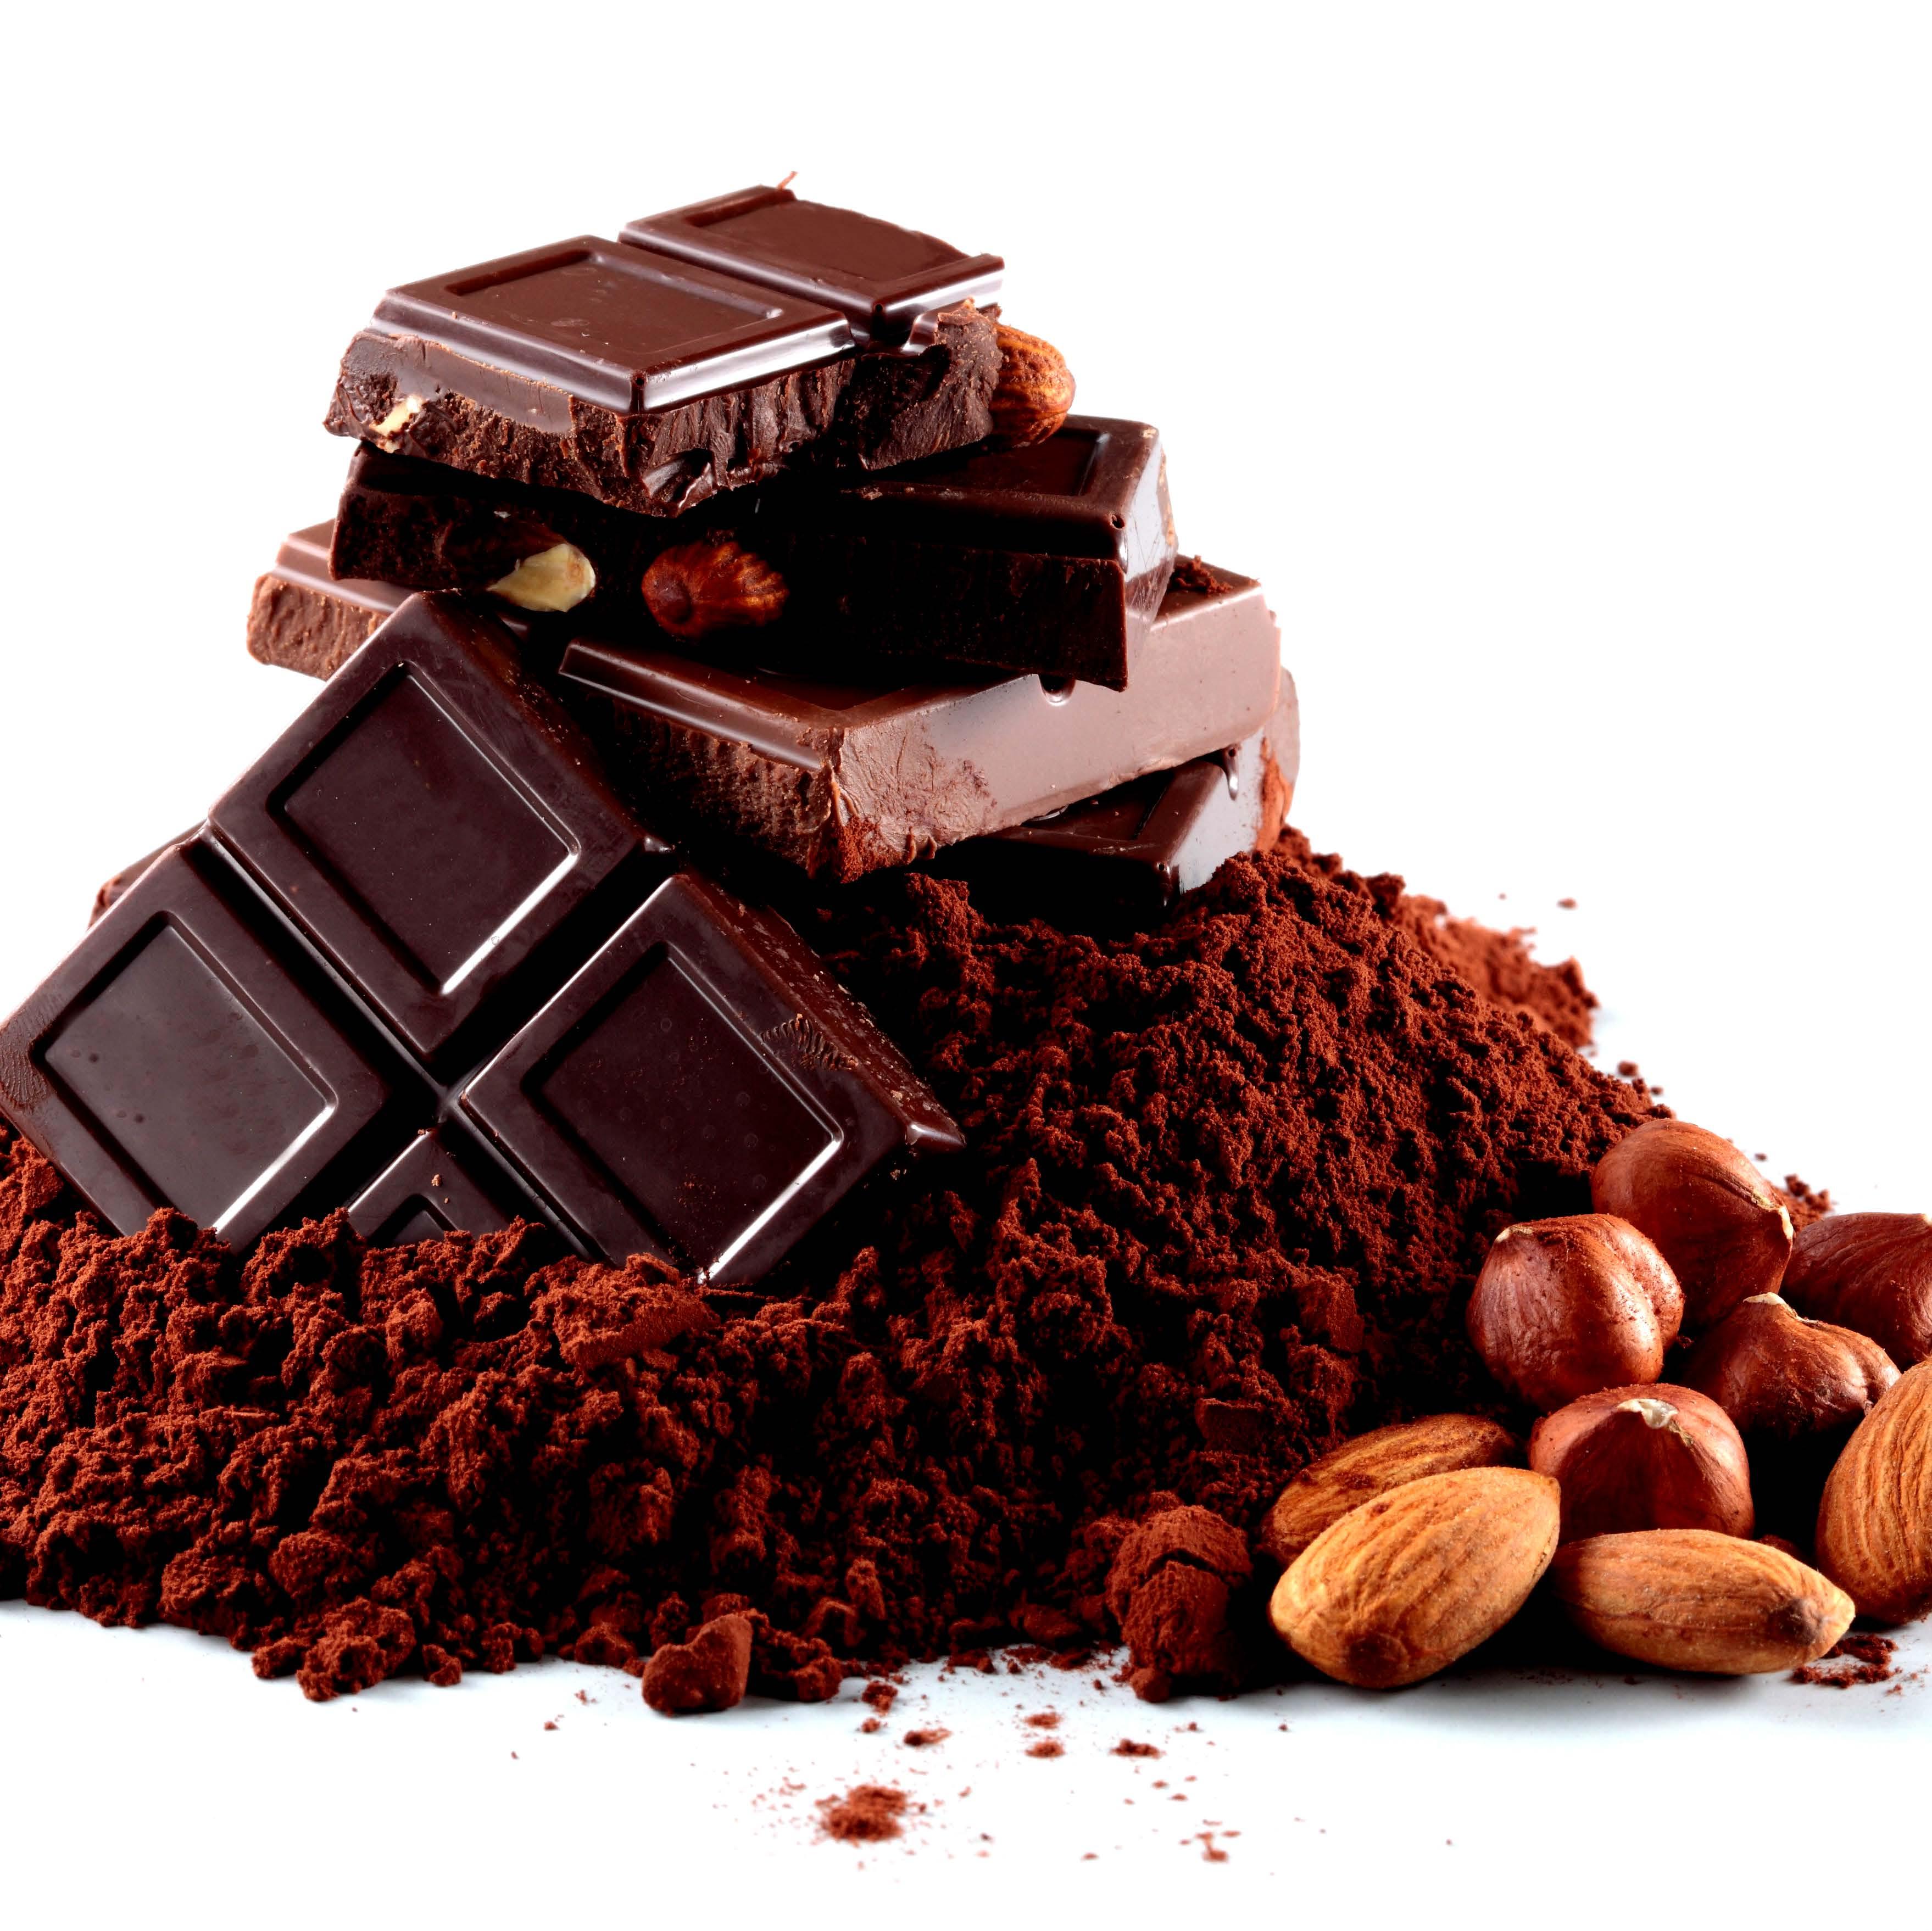 Cokelat Indonesia, Riwayatmu Kakao Indonesia komoditas ketiga di dunia